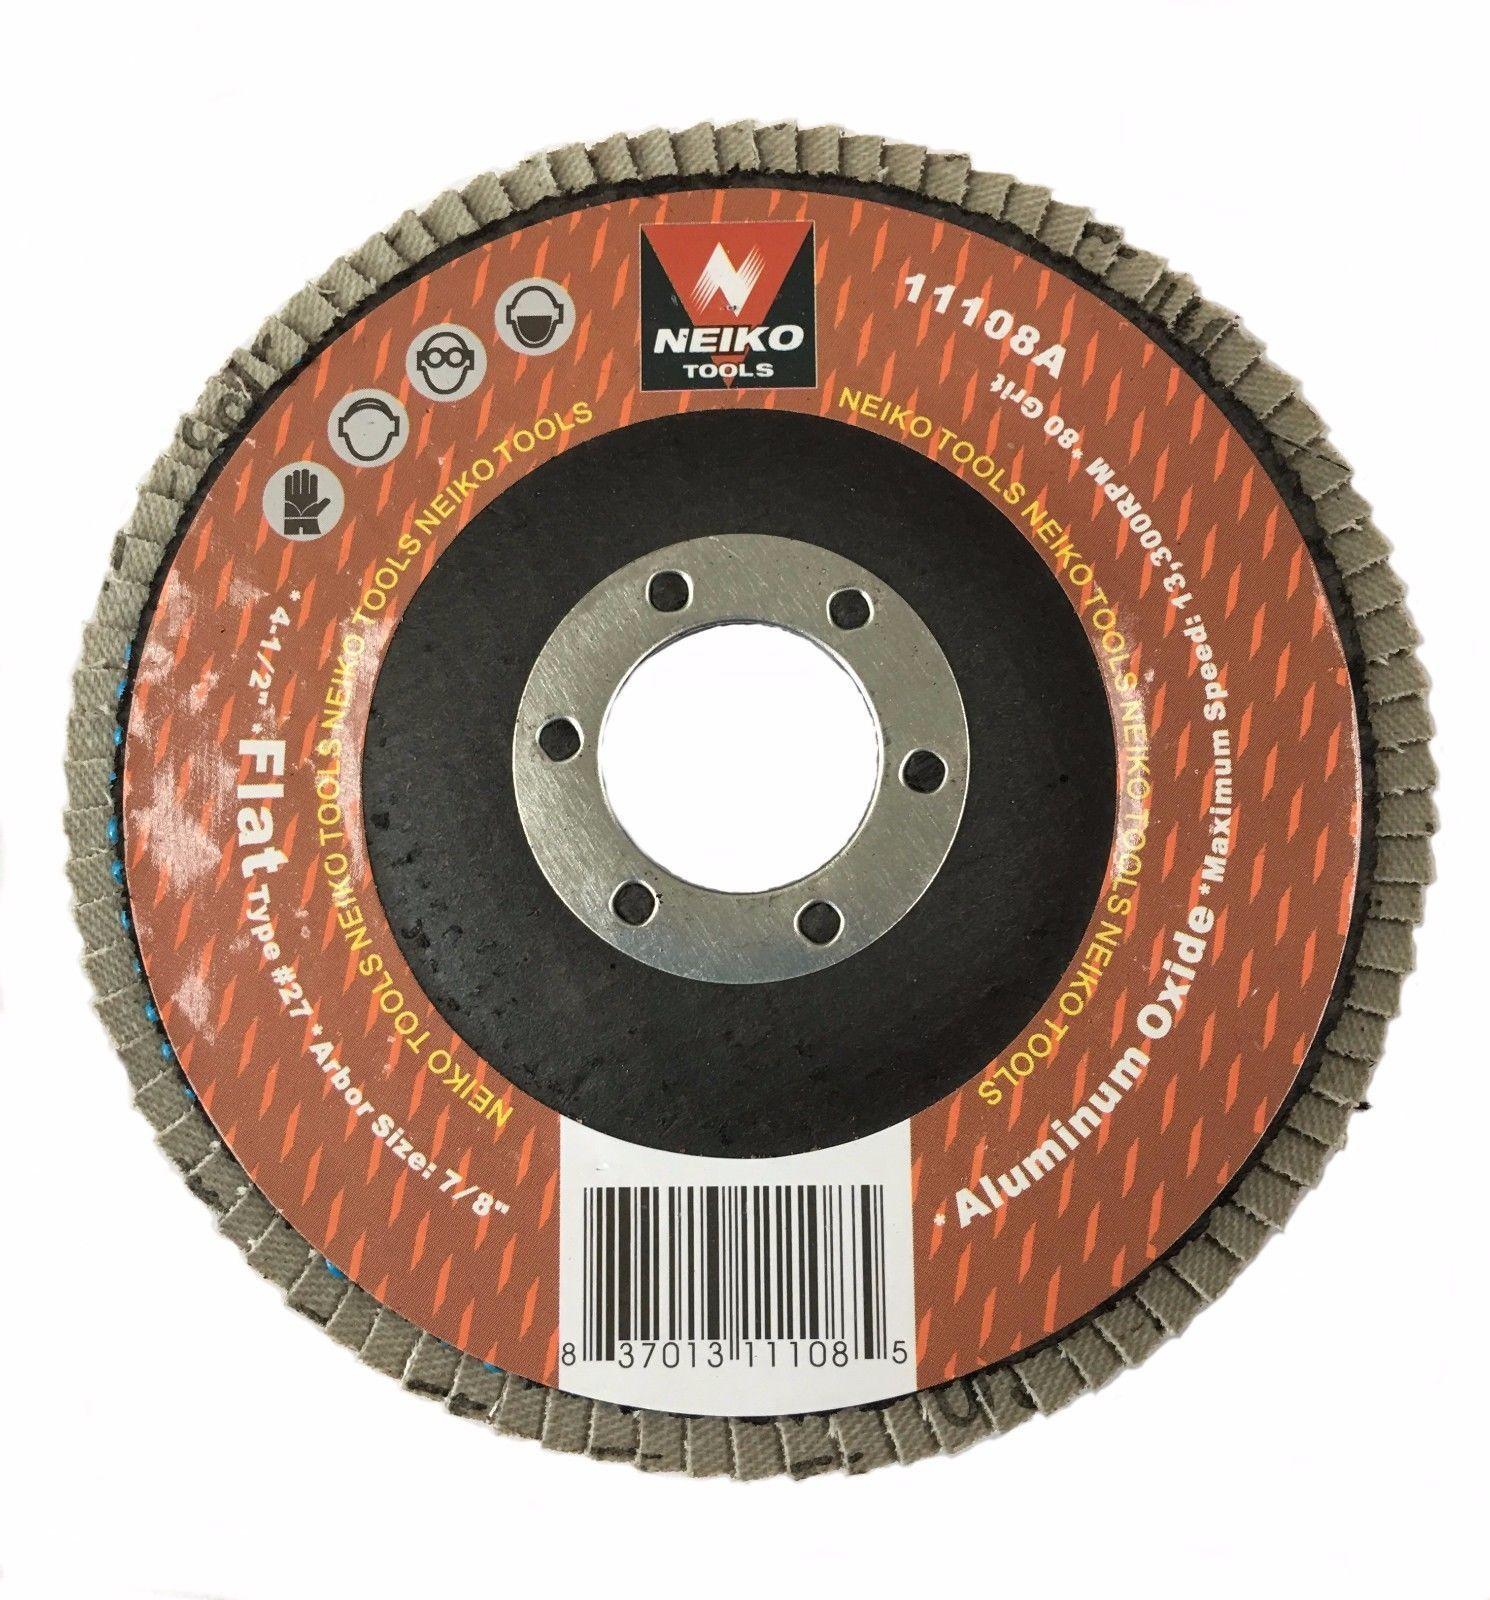 Best Details About 10 Pack Aluminum Oxide Flap Disc 4 5 X 7 400 x 300